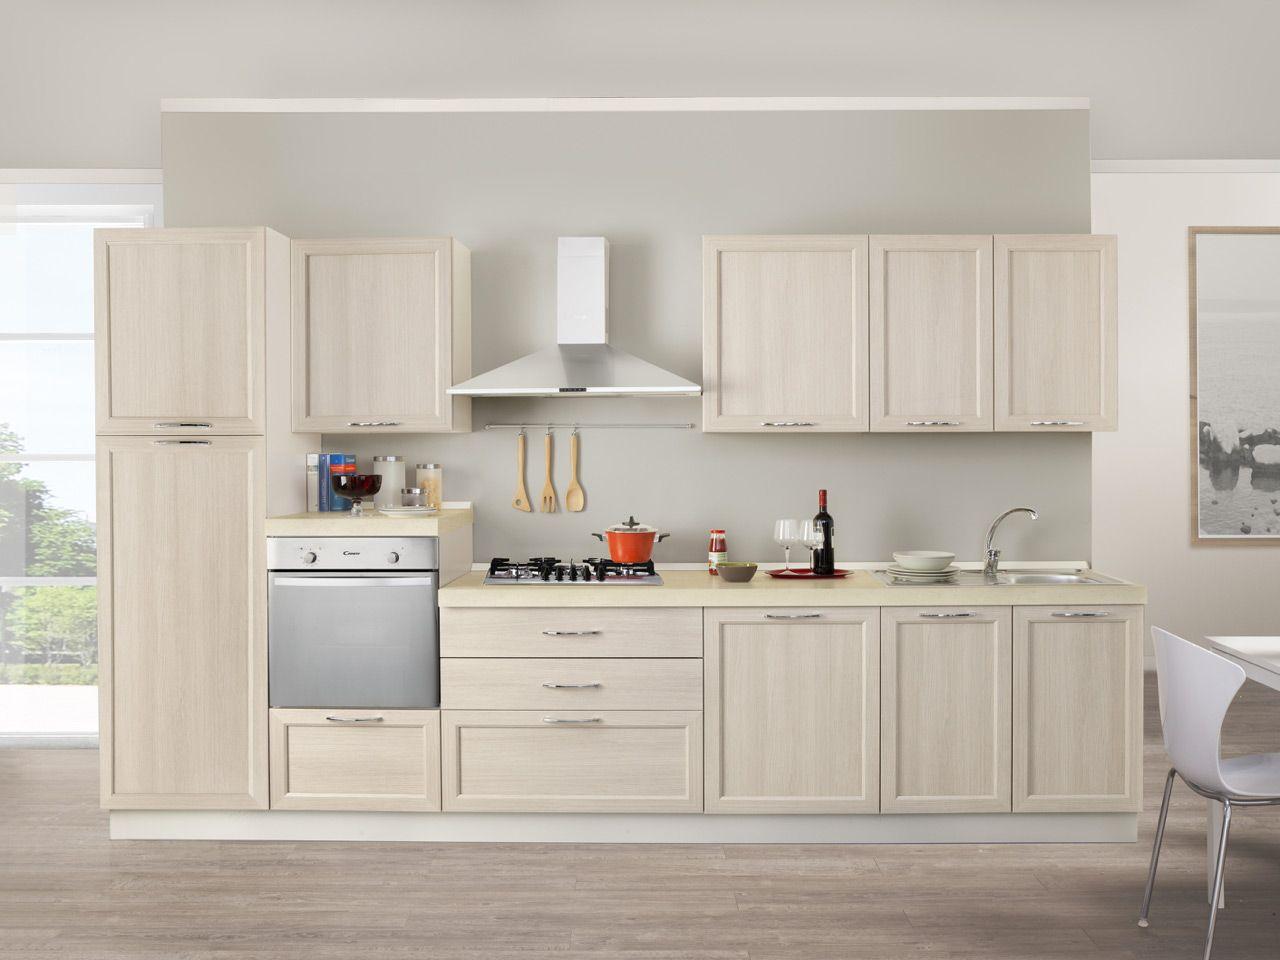 CUCINA PATTY Mercatone Uno Kitchen, Home decor